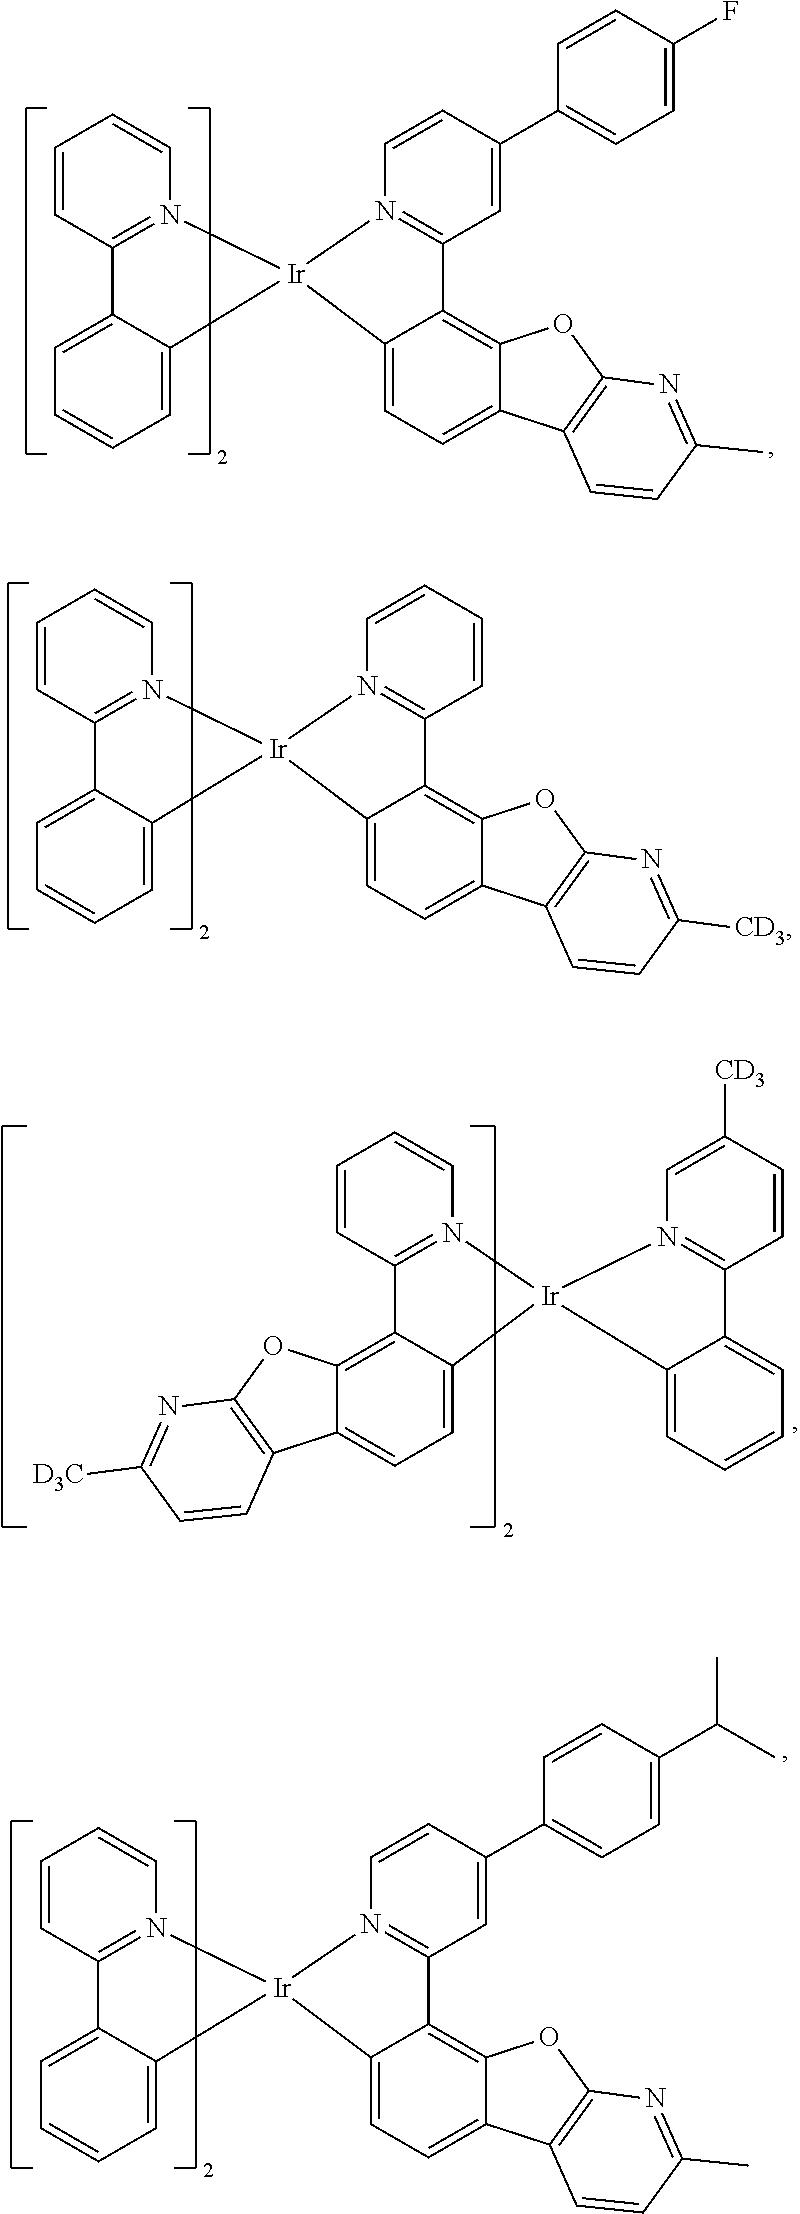 Figure US09859510-20180102-C00079